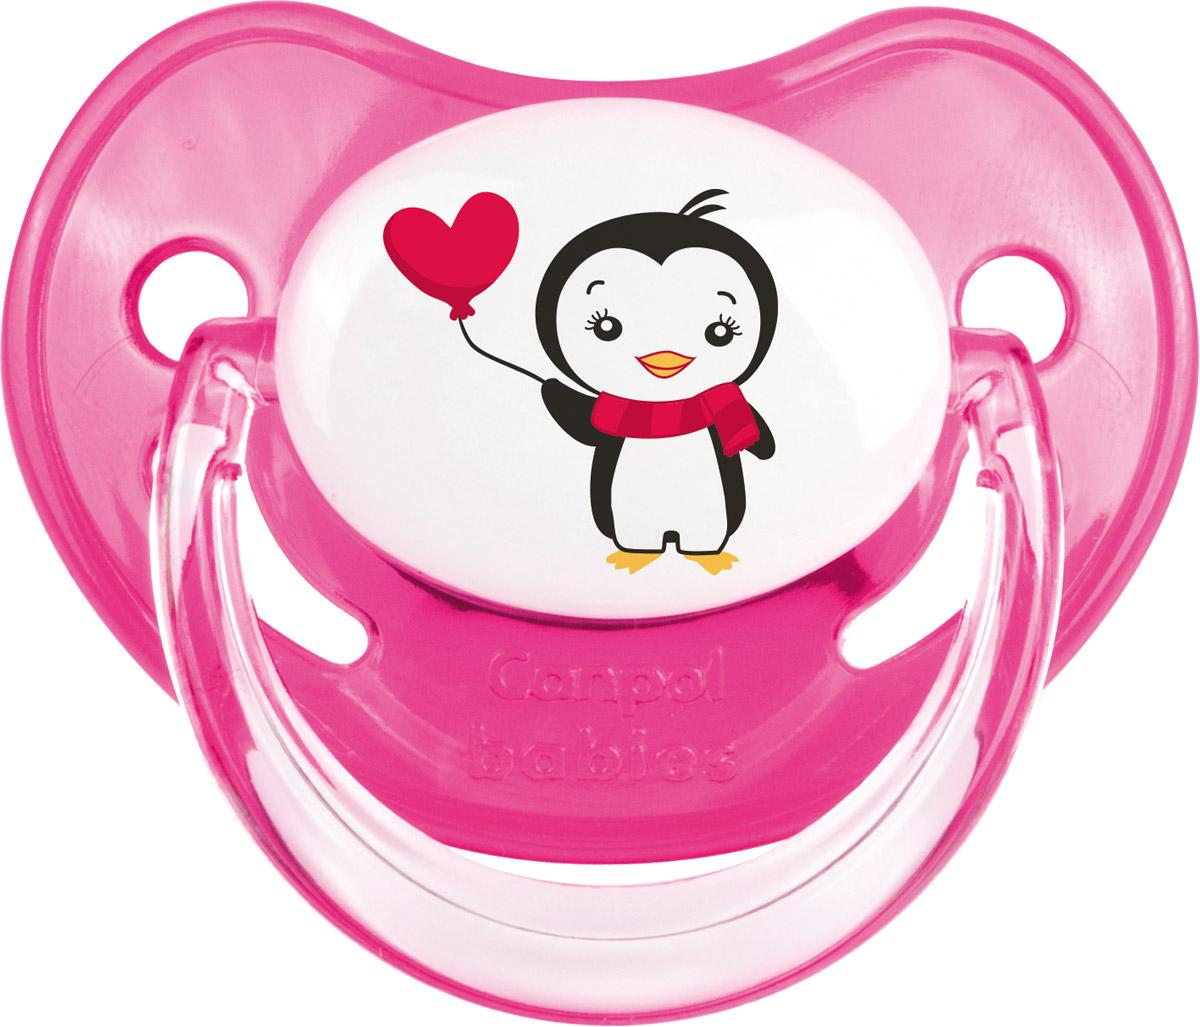 Canpol Babies Пустышка латексная ортодонтическая Penguin от 6 до 18 месяцев цвет розовый